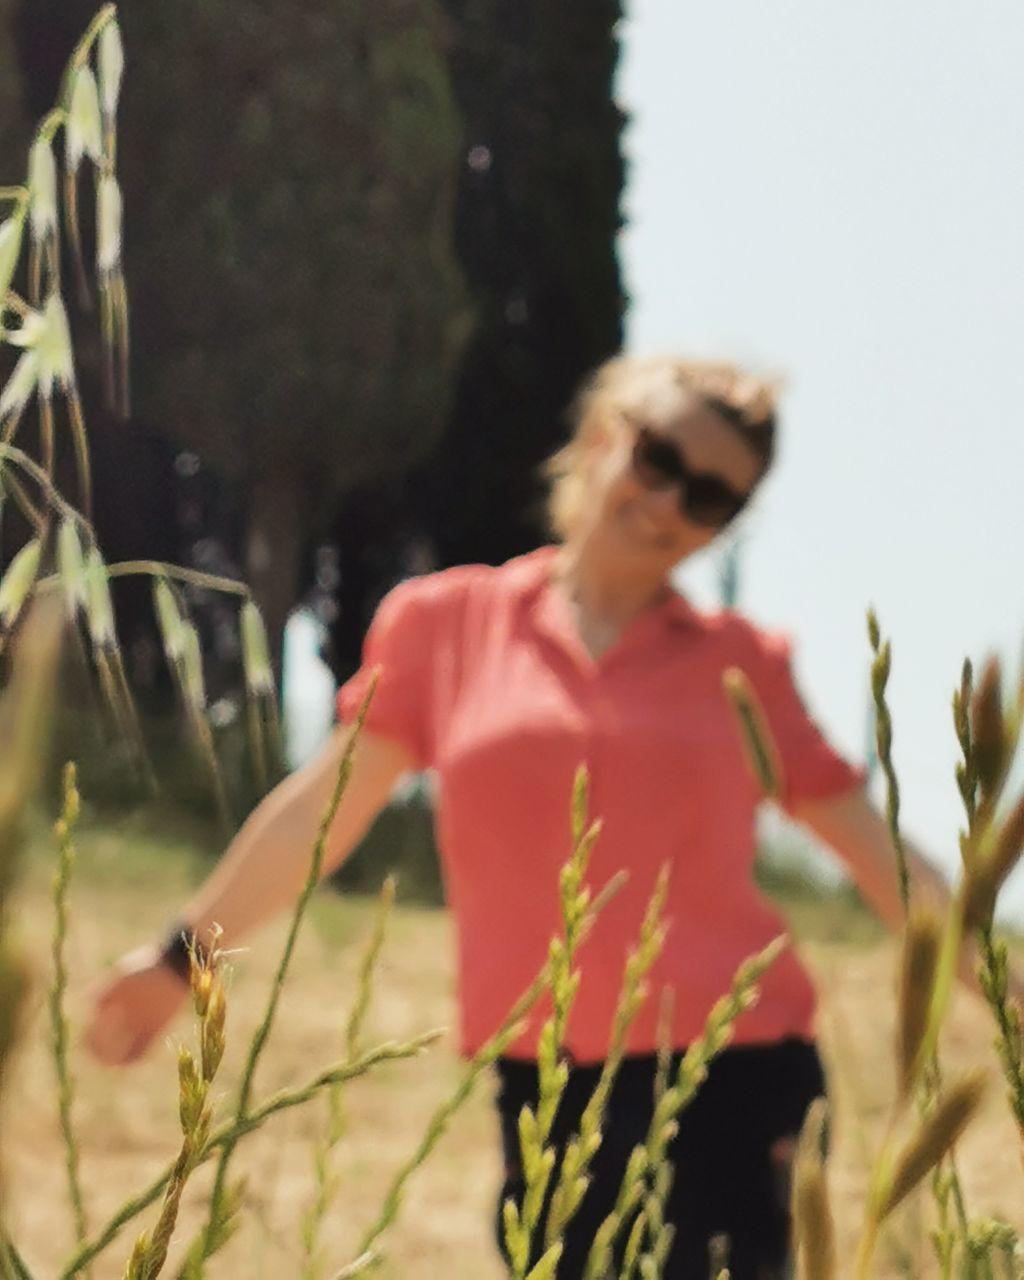 WOMAN WALKING ON A FIELD